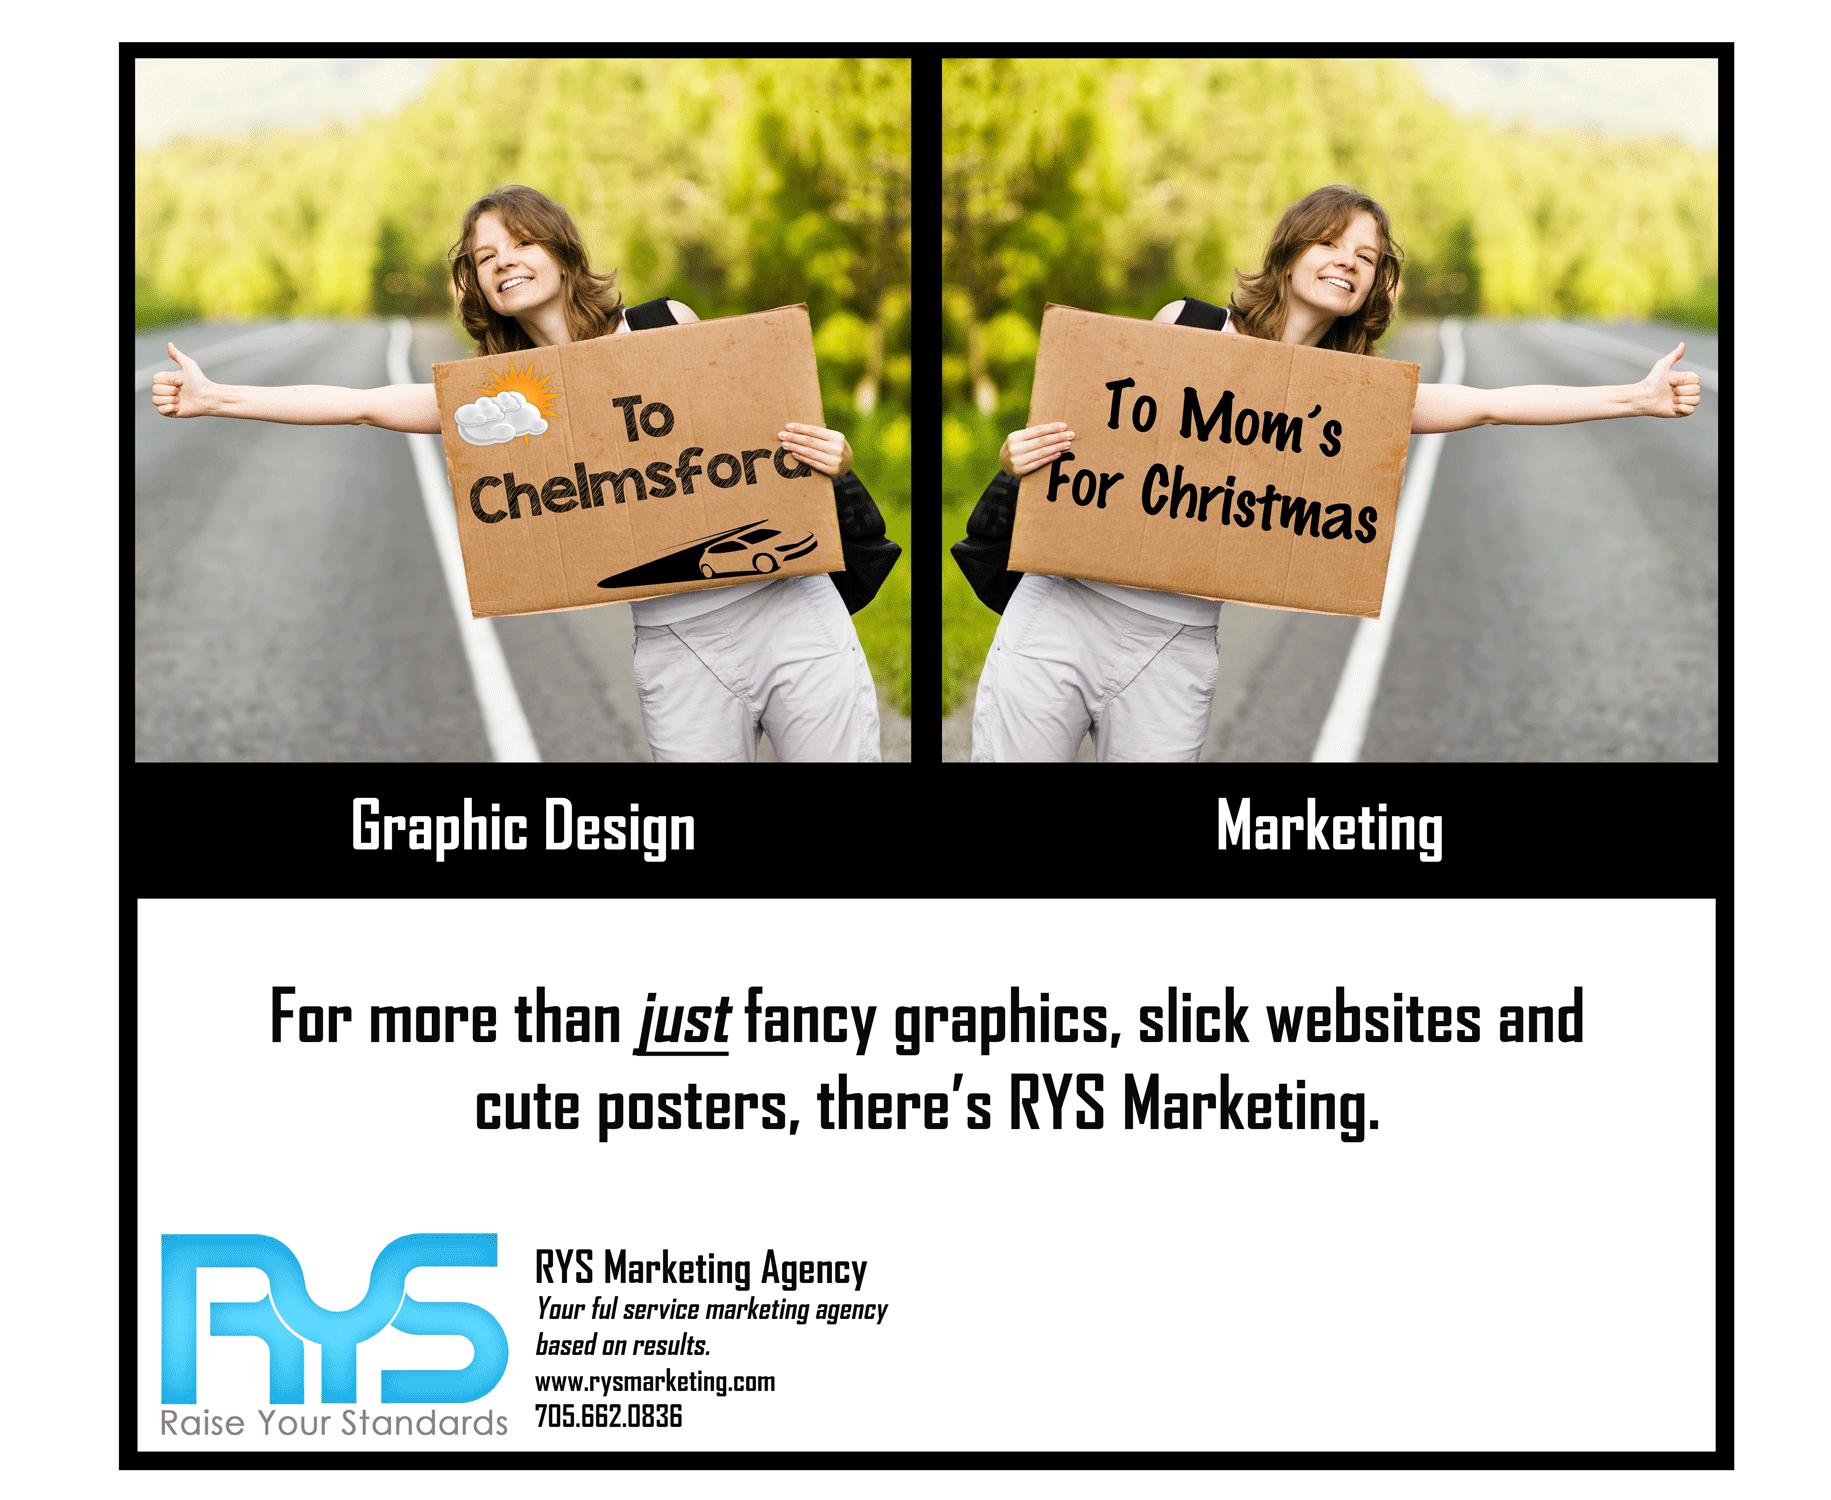 graphic-vs-marketing-ad